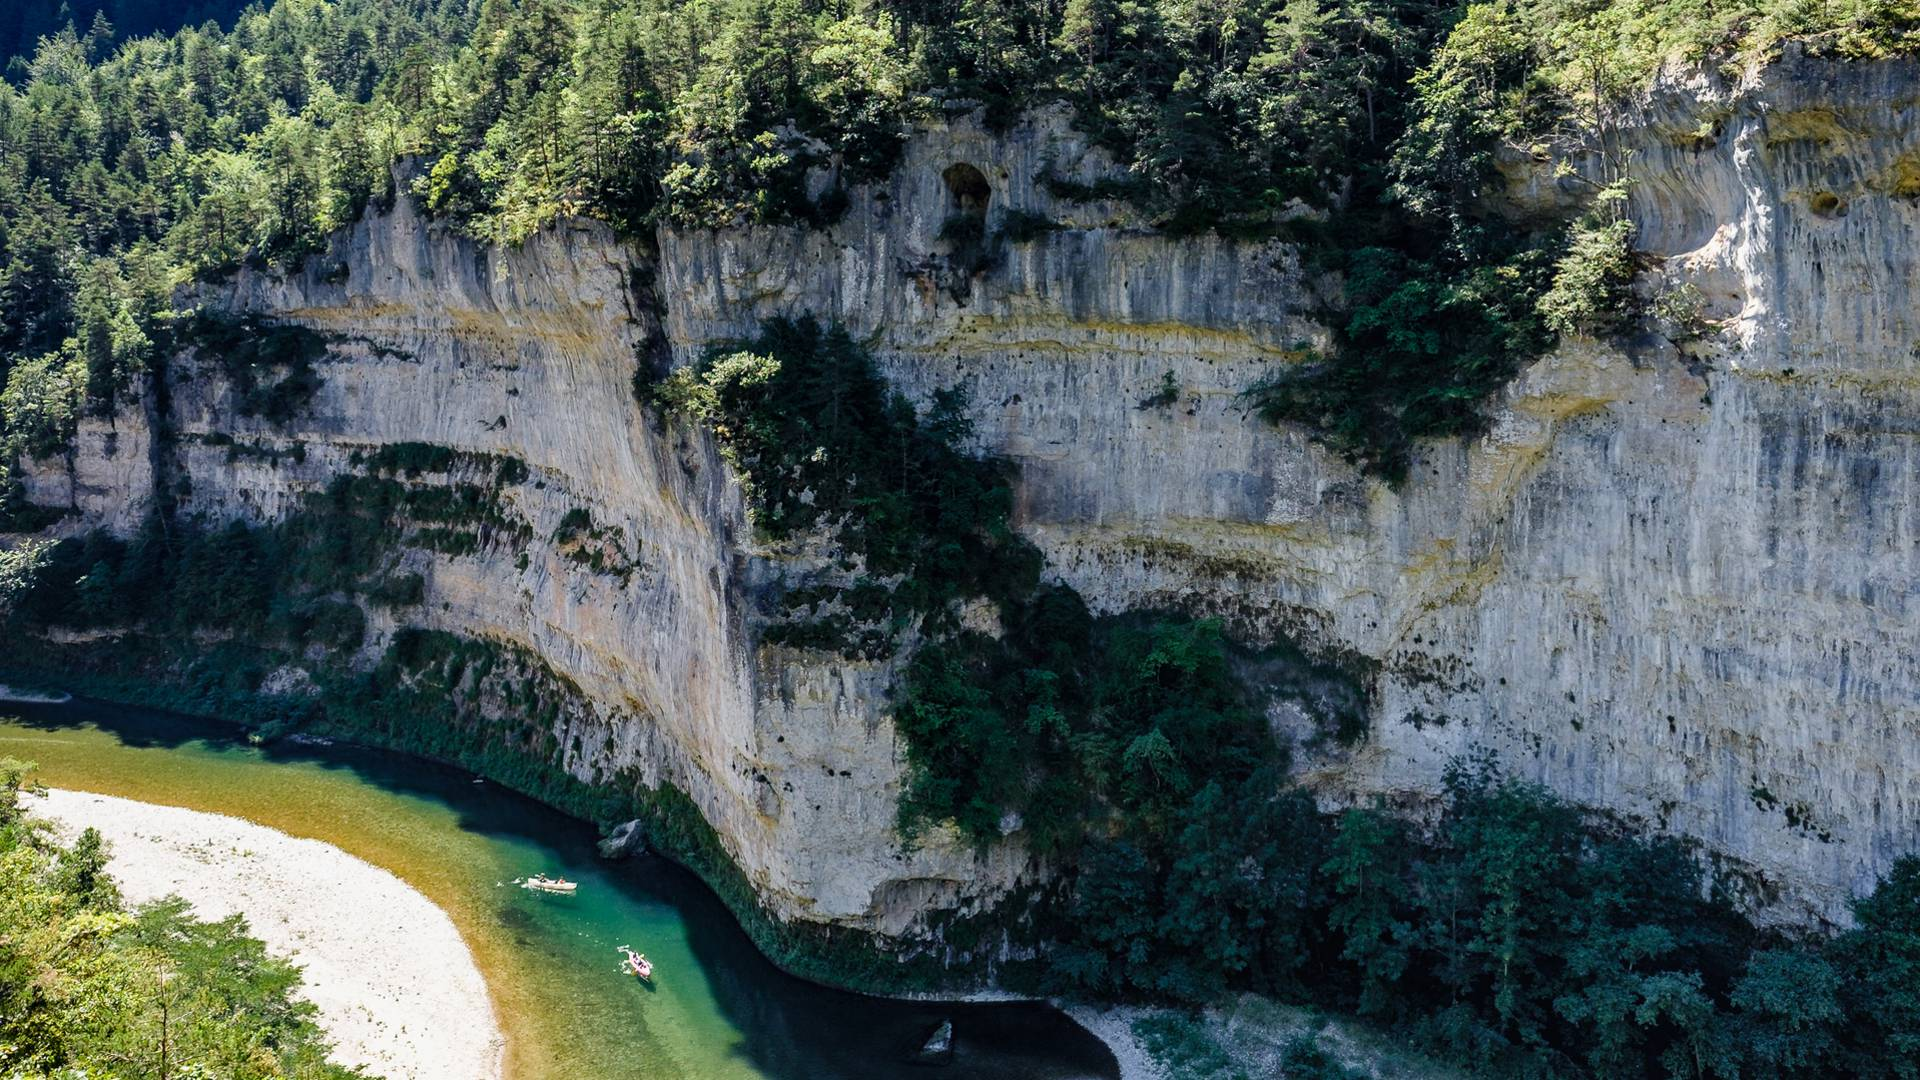 Les falaises des Georges du Tarn.